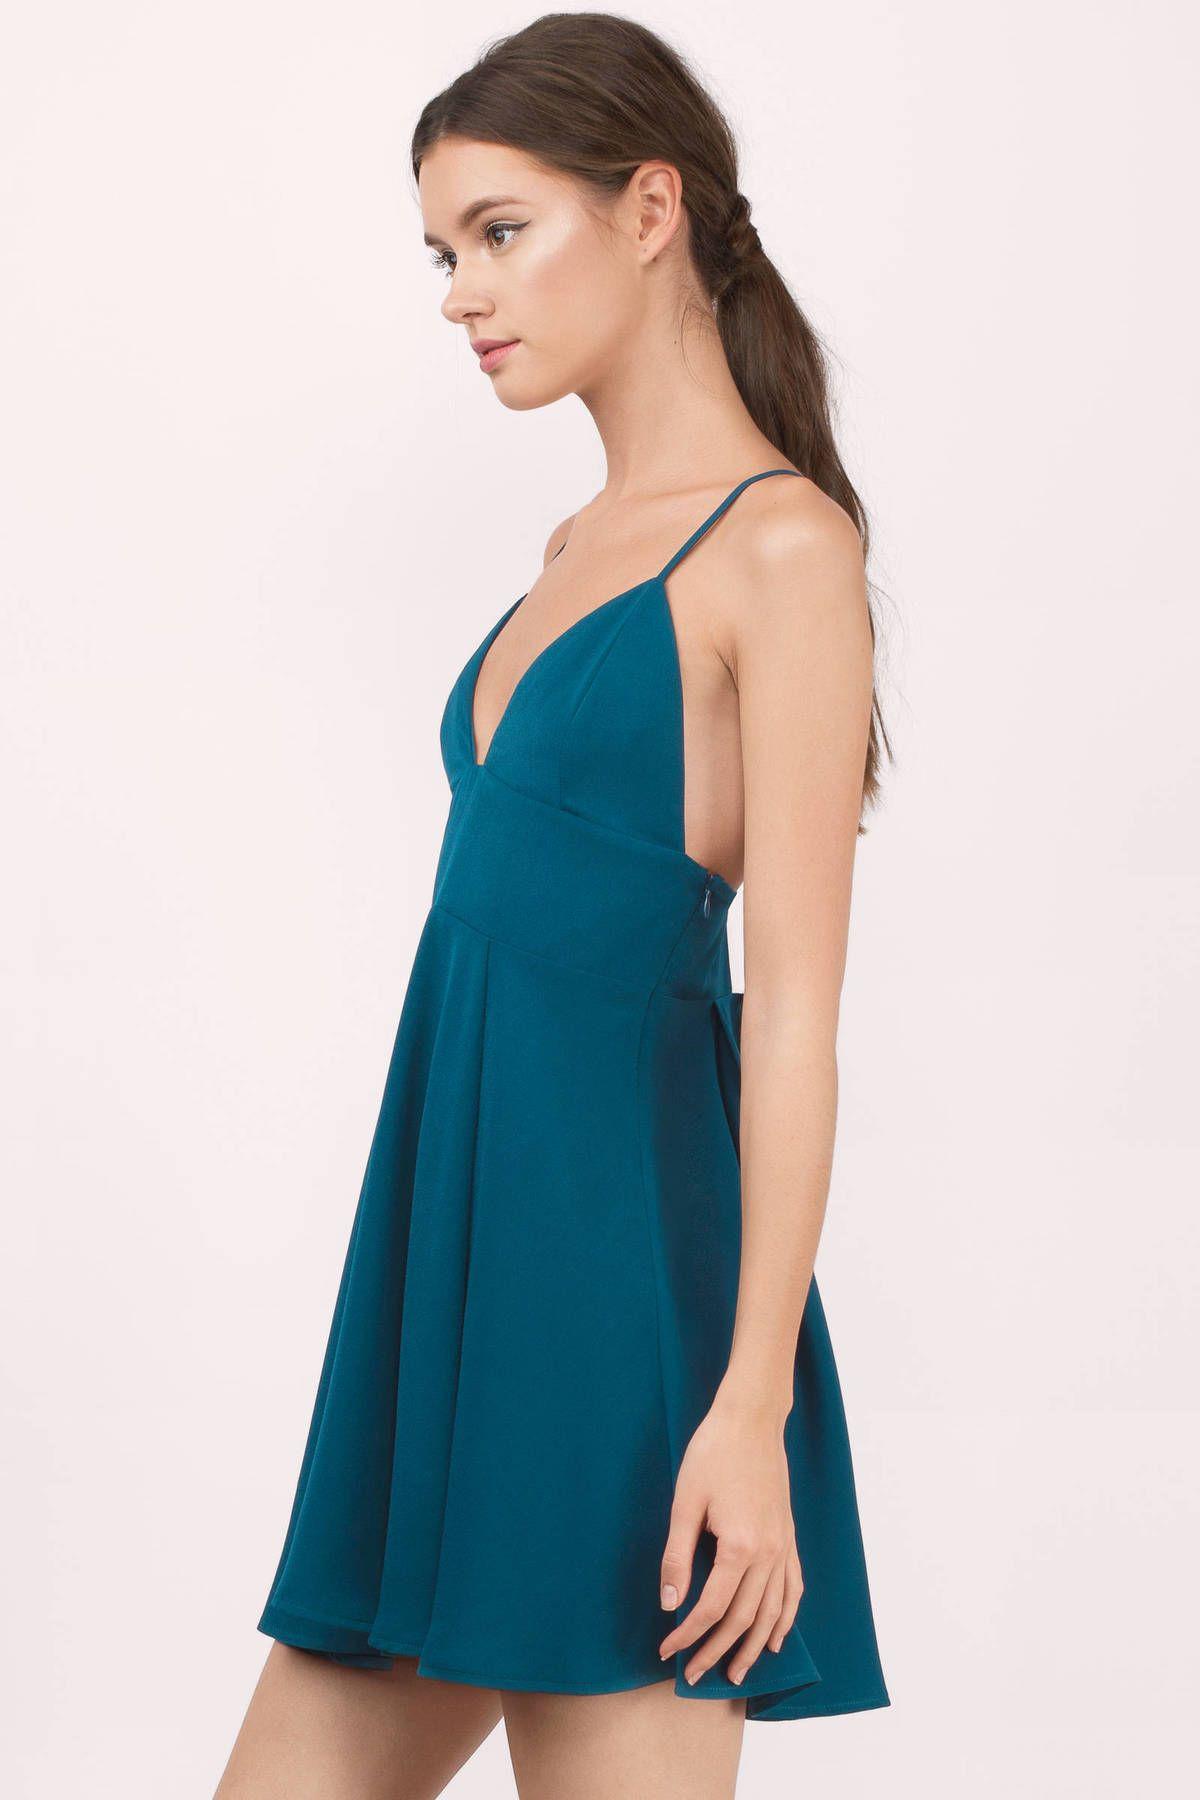 7af128e6543 Teal Dresses